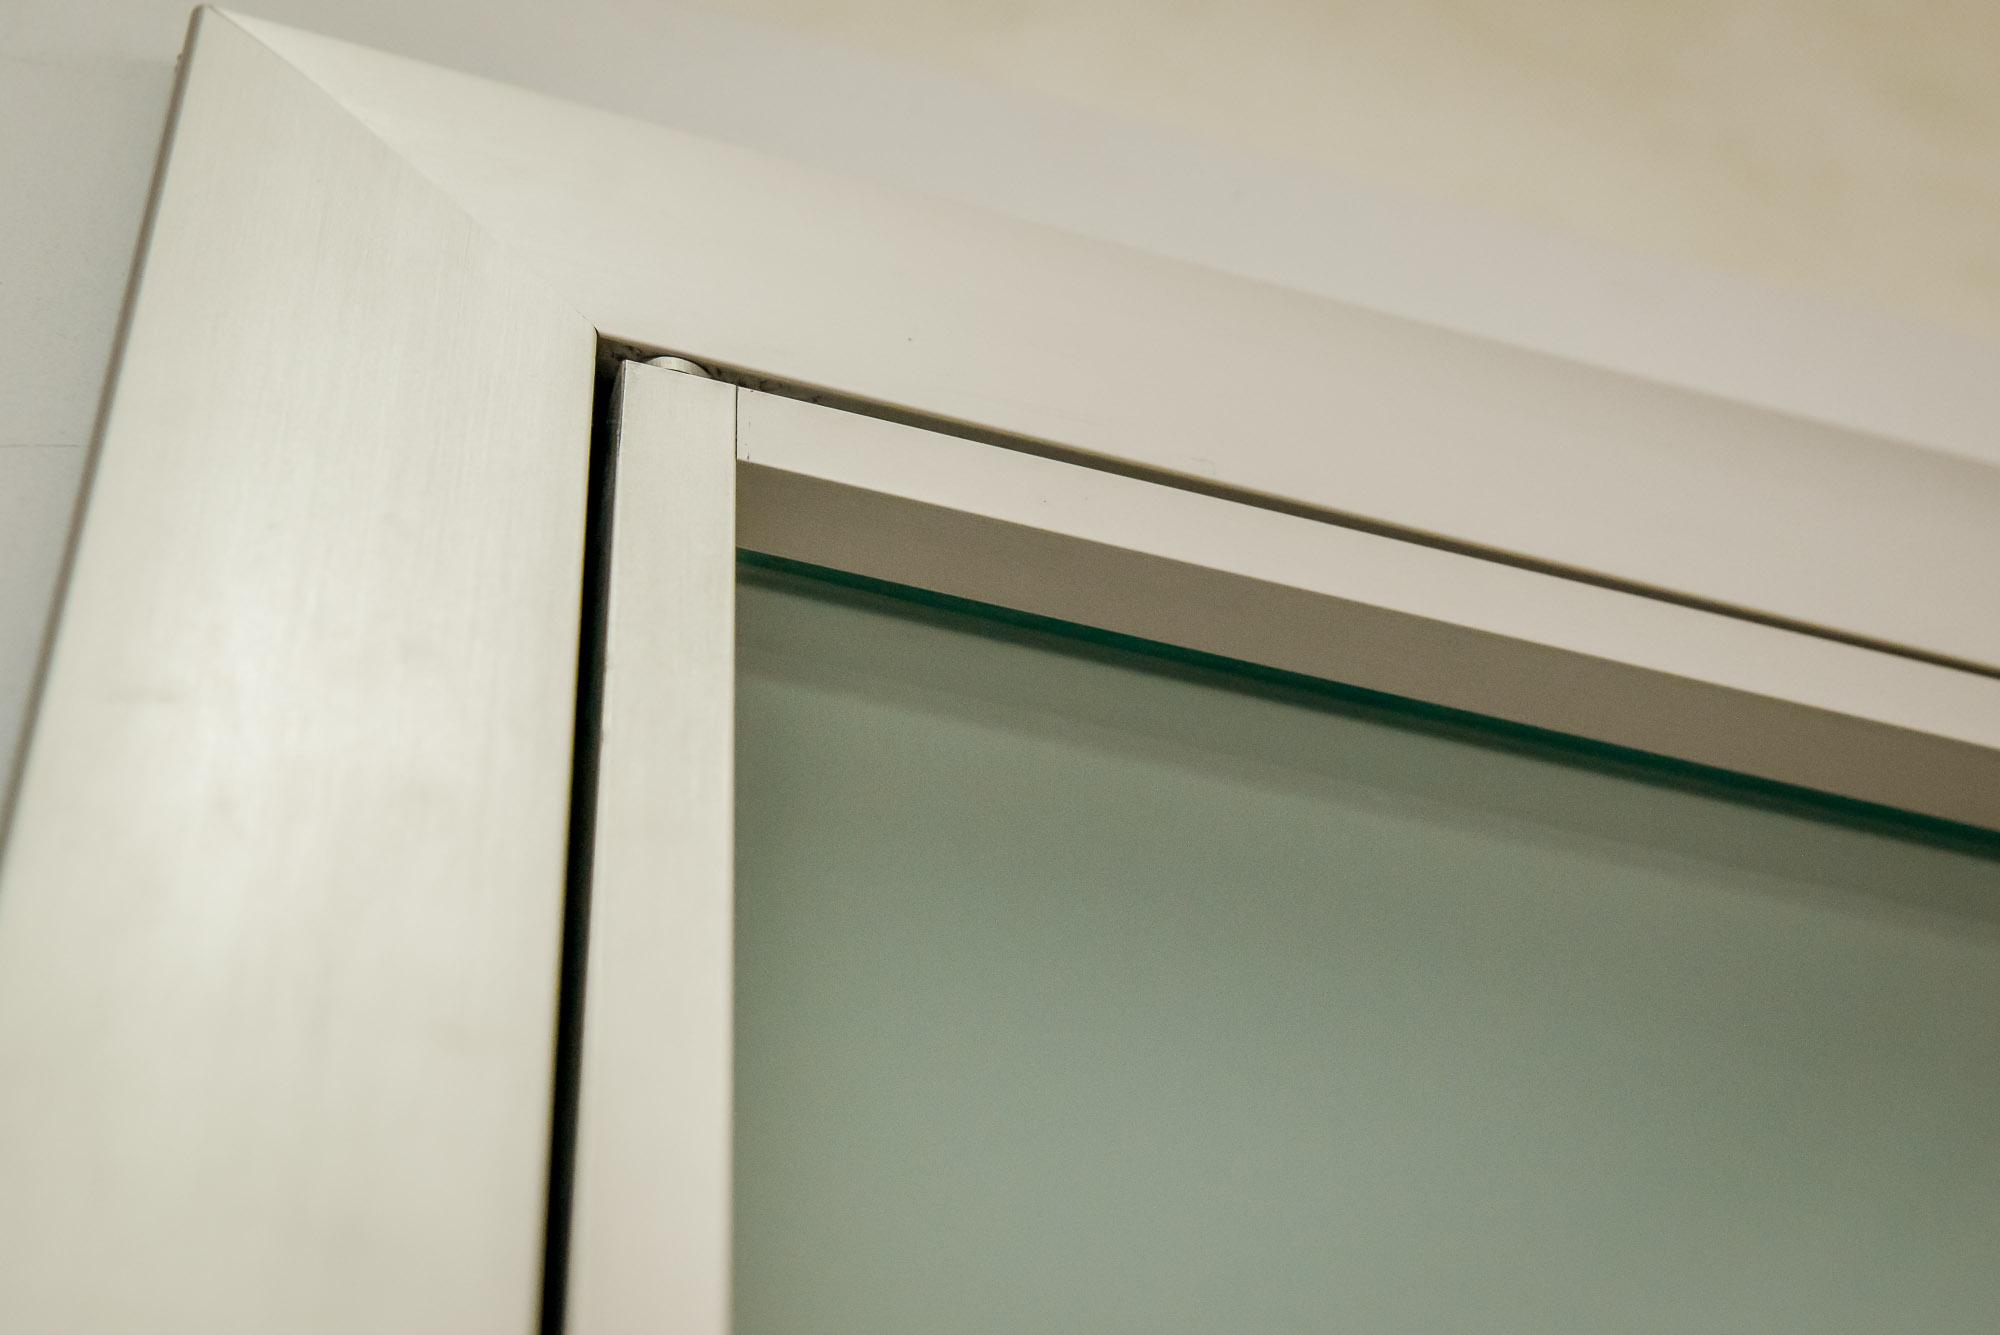 Dettaglio di una porta boiserie, con parti in alluminio e vetro